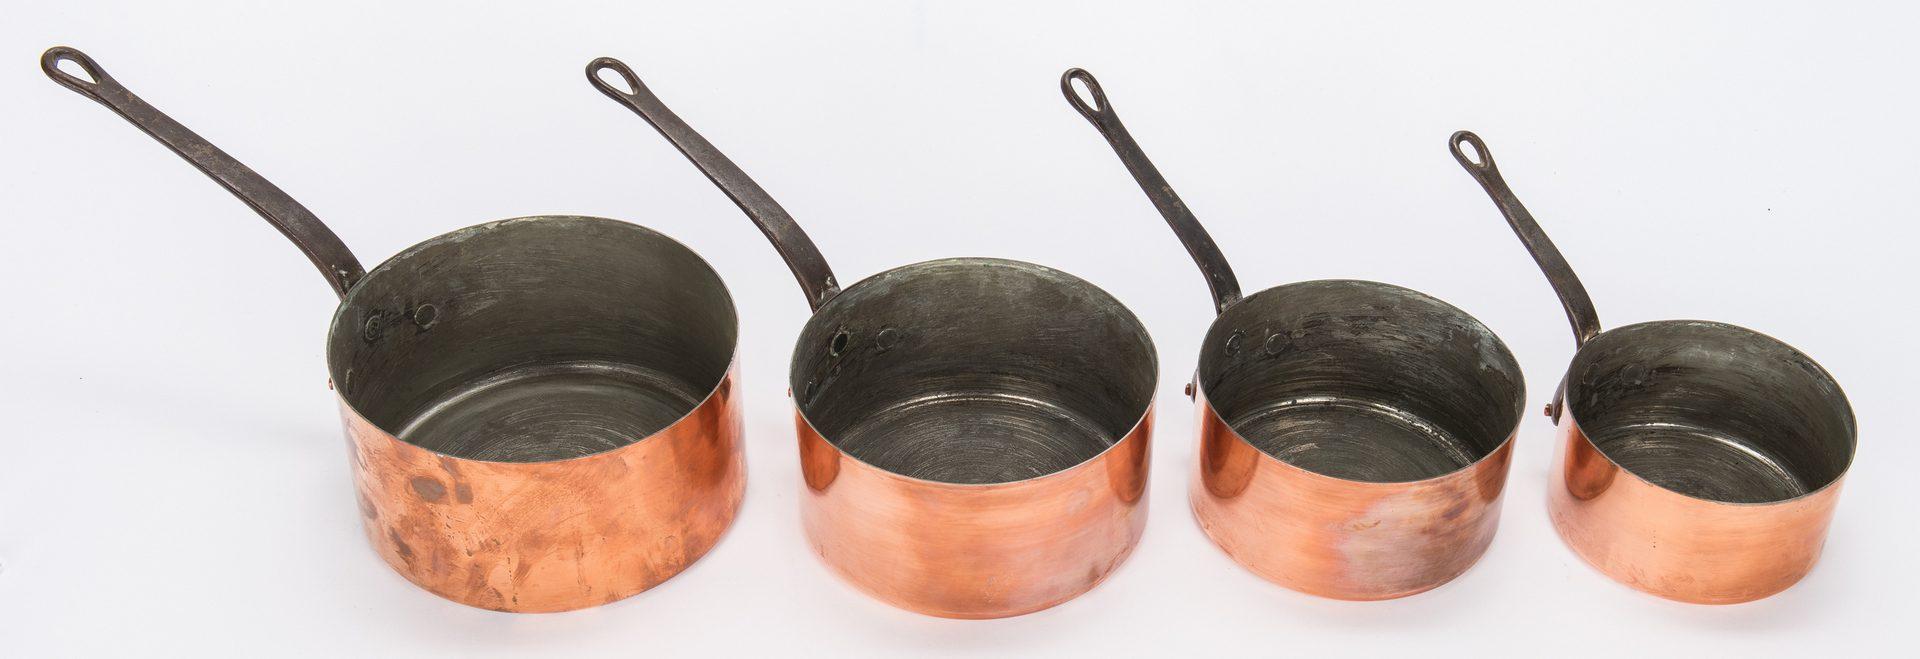 Lot 344: 7 Graduated Copper Pots